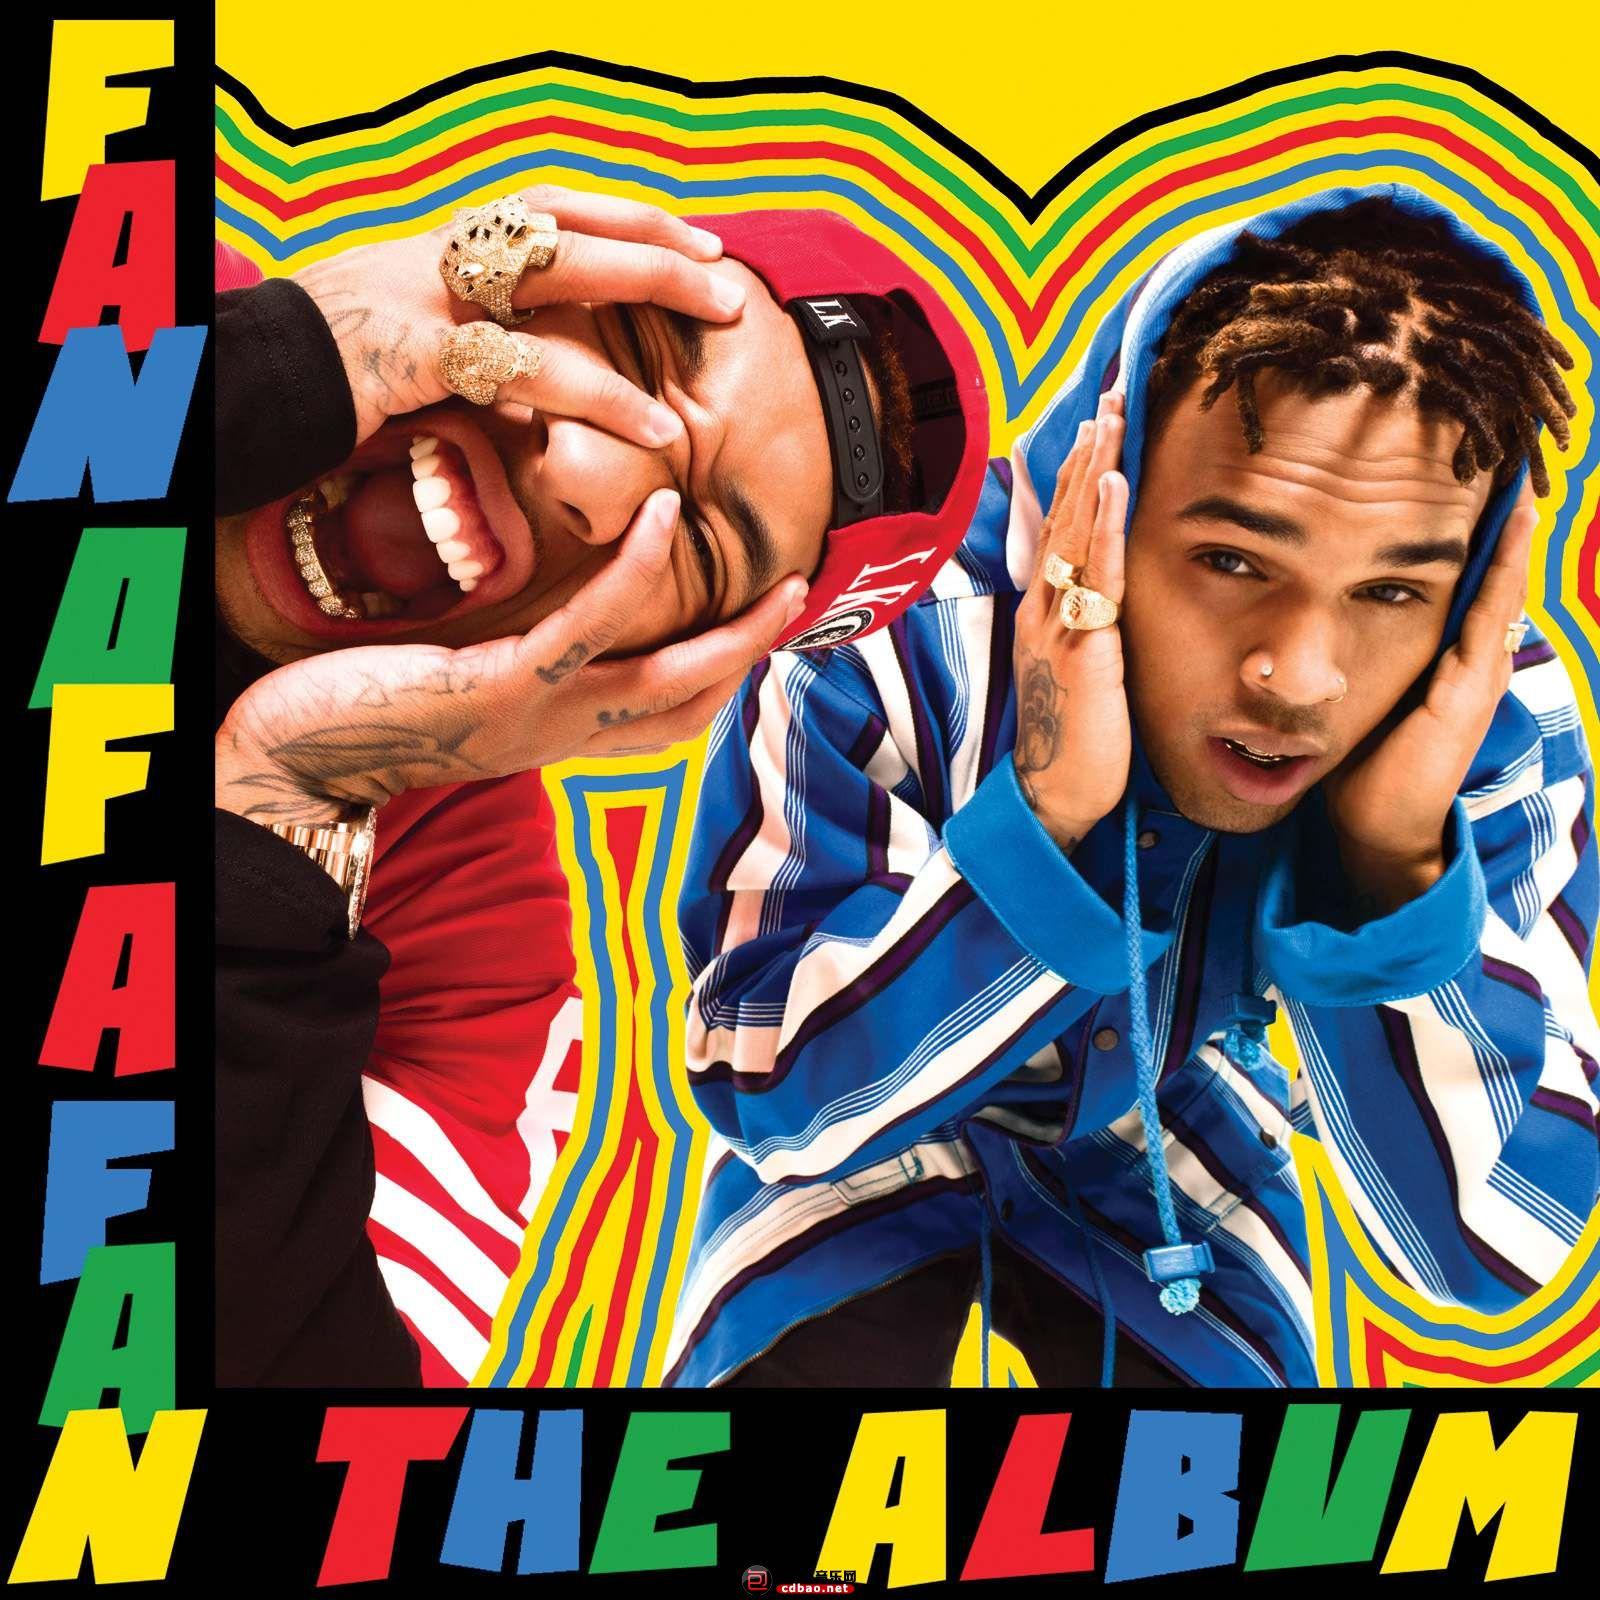 Chris-Brown-Tyga-Fan-Of-A-Fan-The-Album.jpg